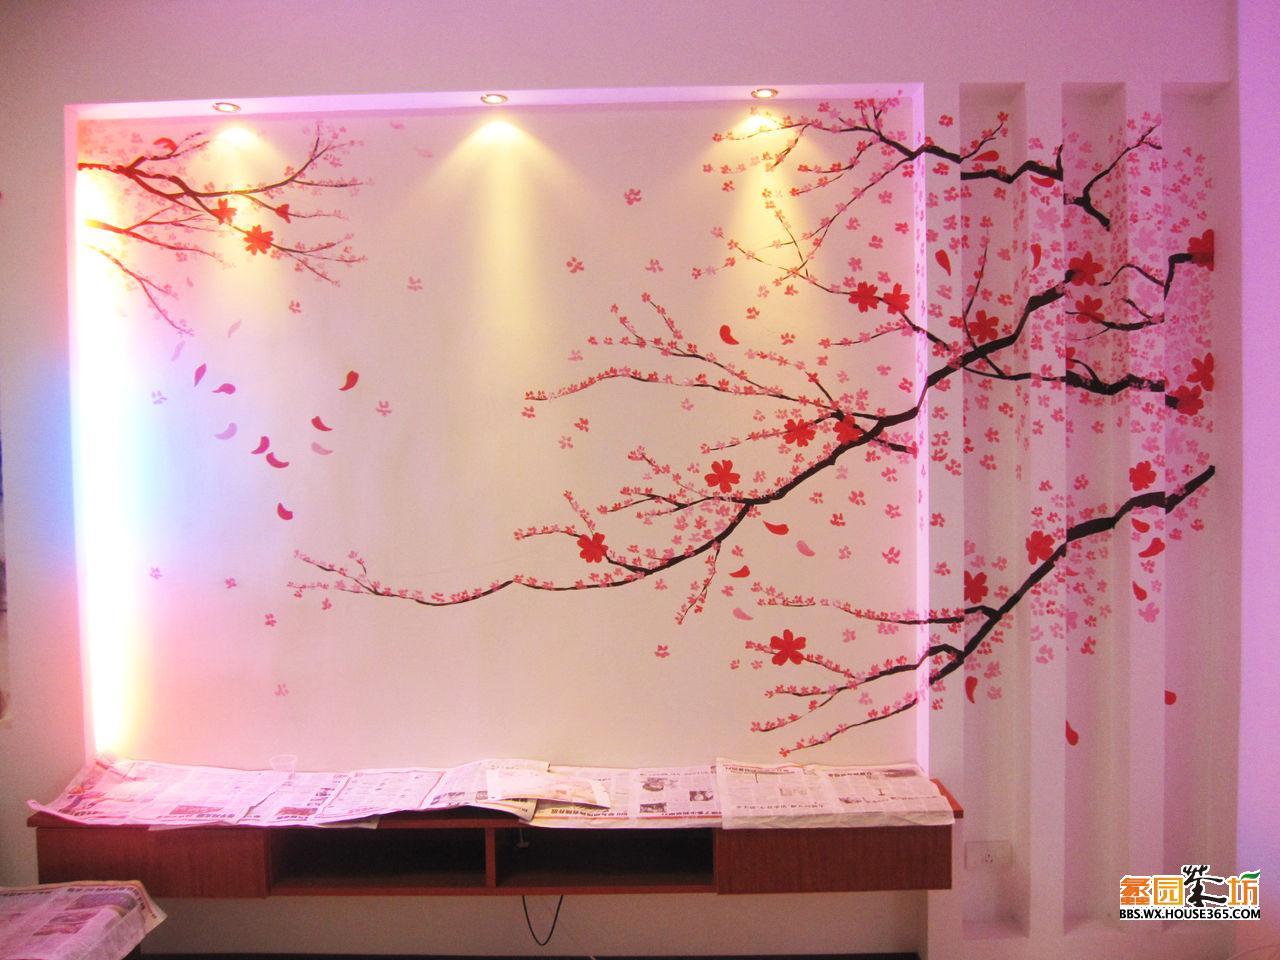 紫御东郡影视墙樱花墙绘;